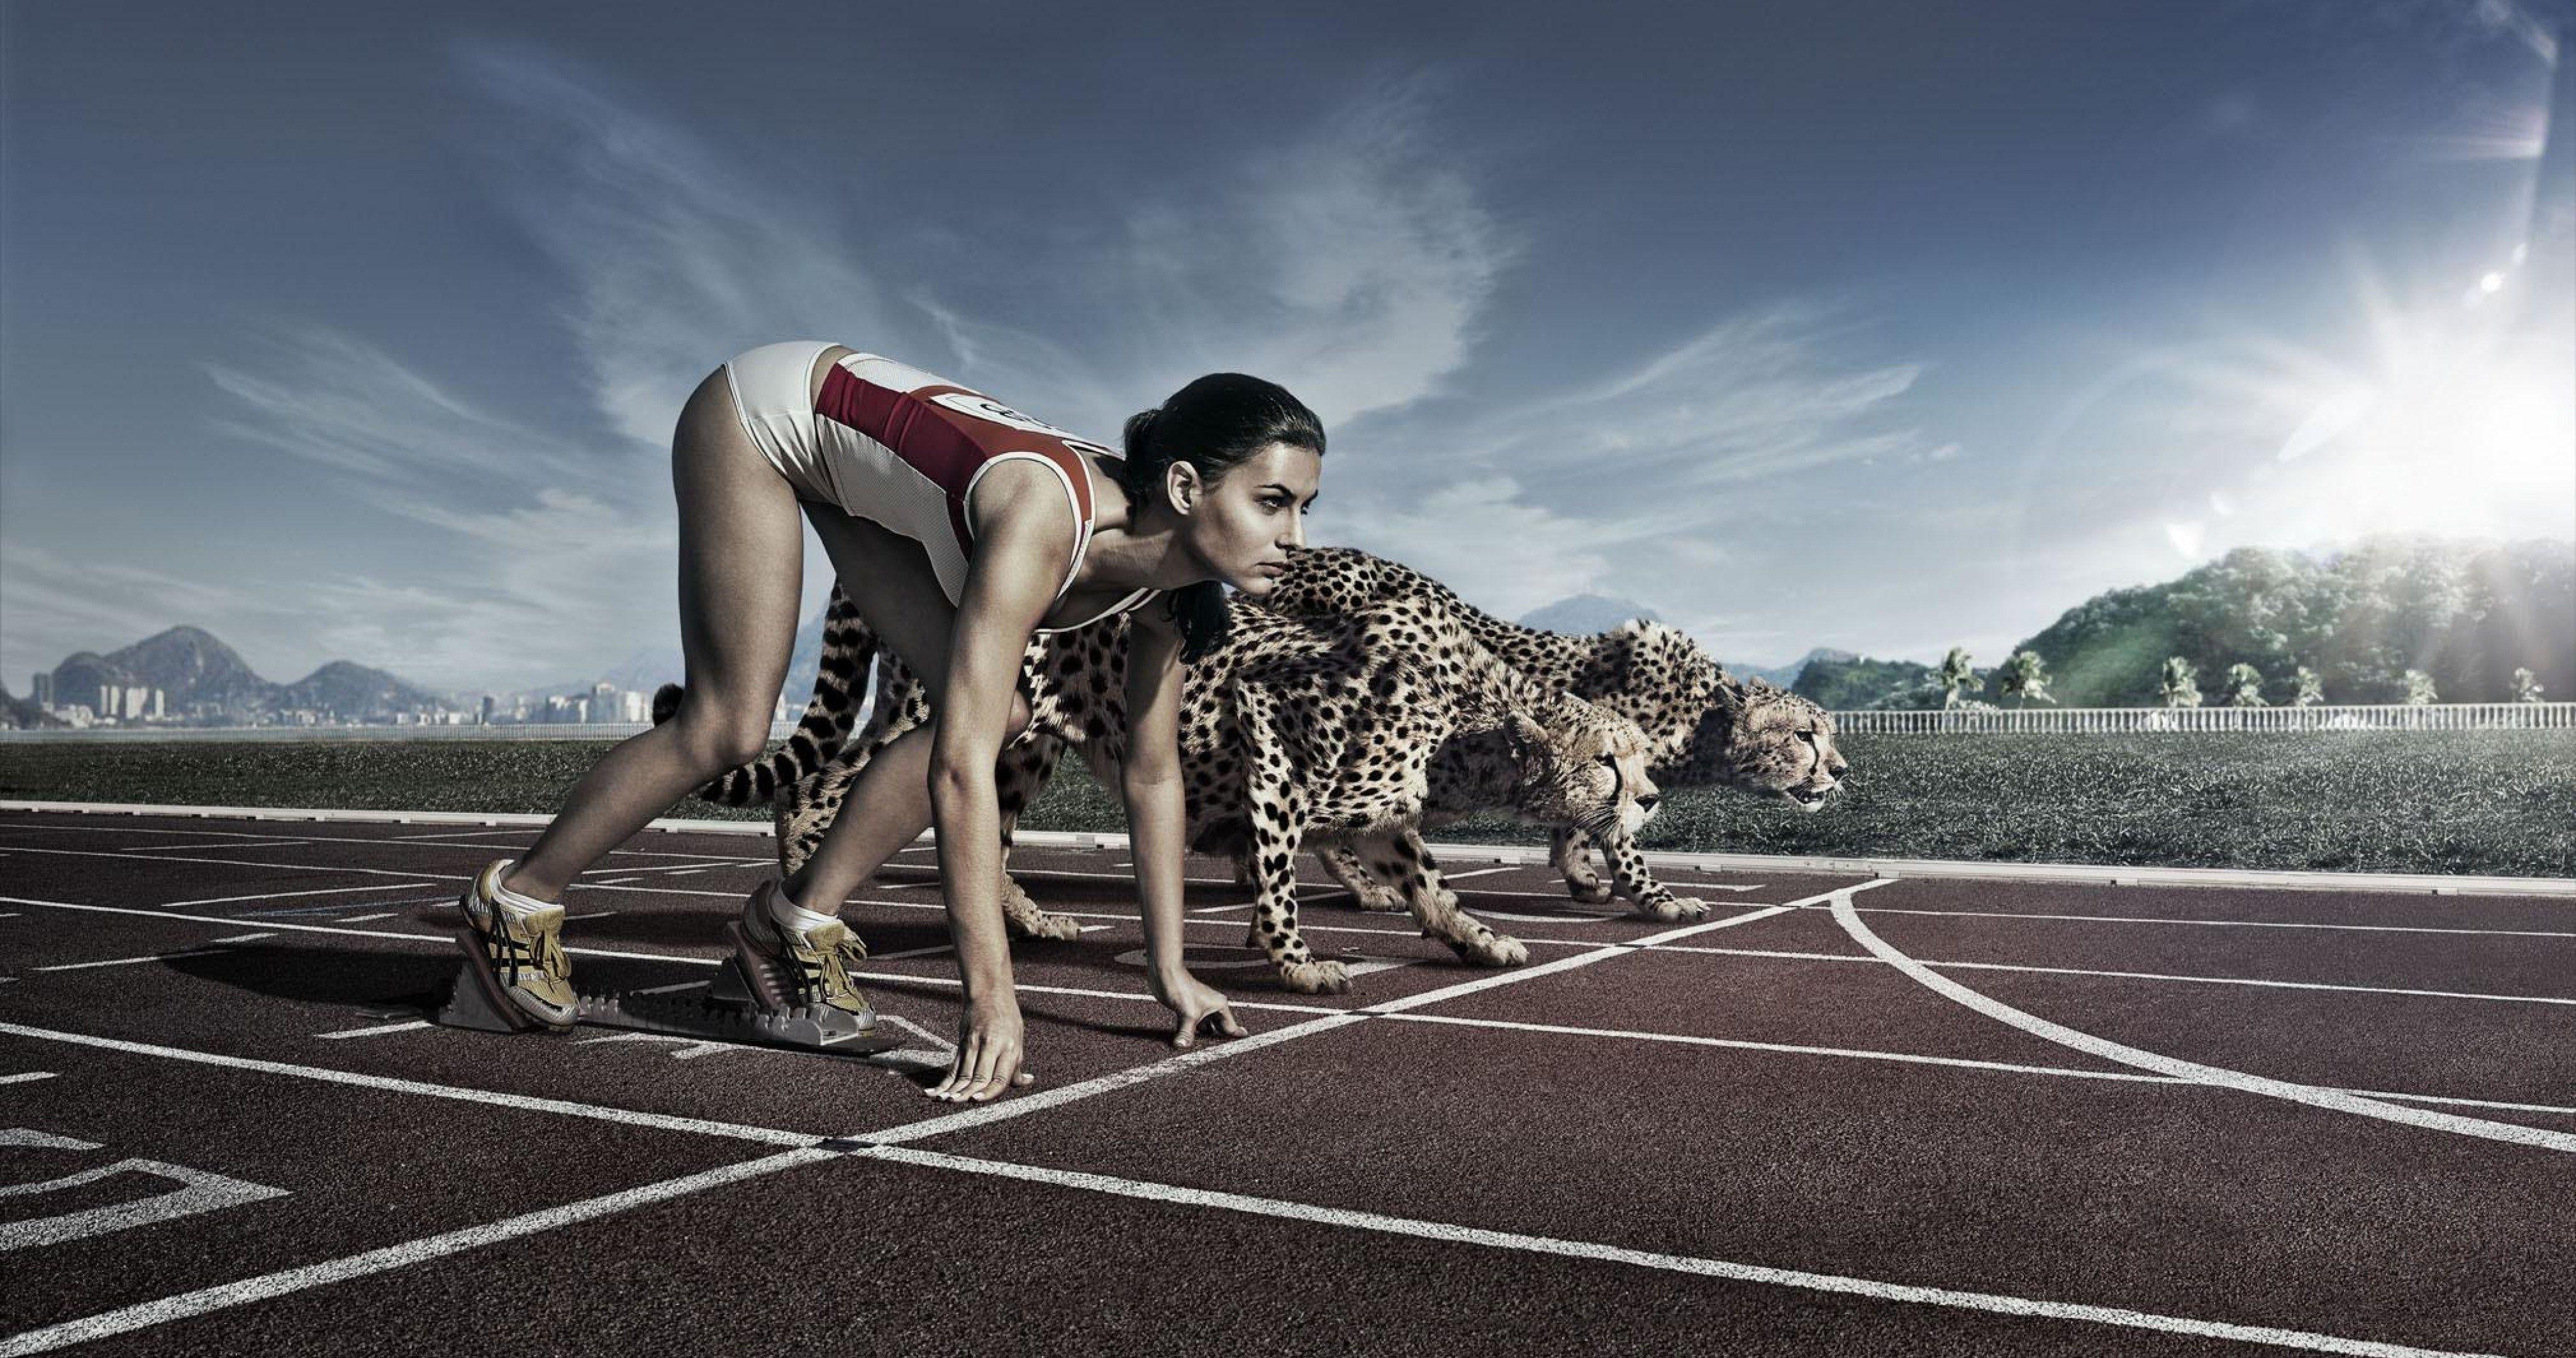 Hasil gambar untuk sprint 4k